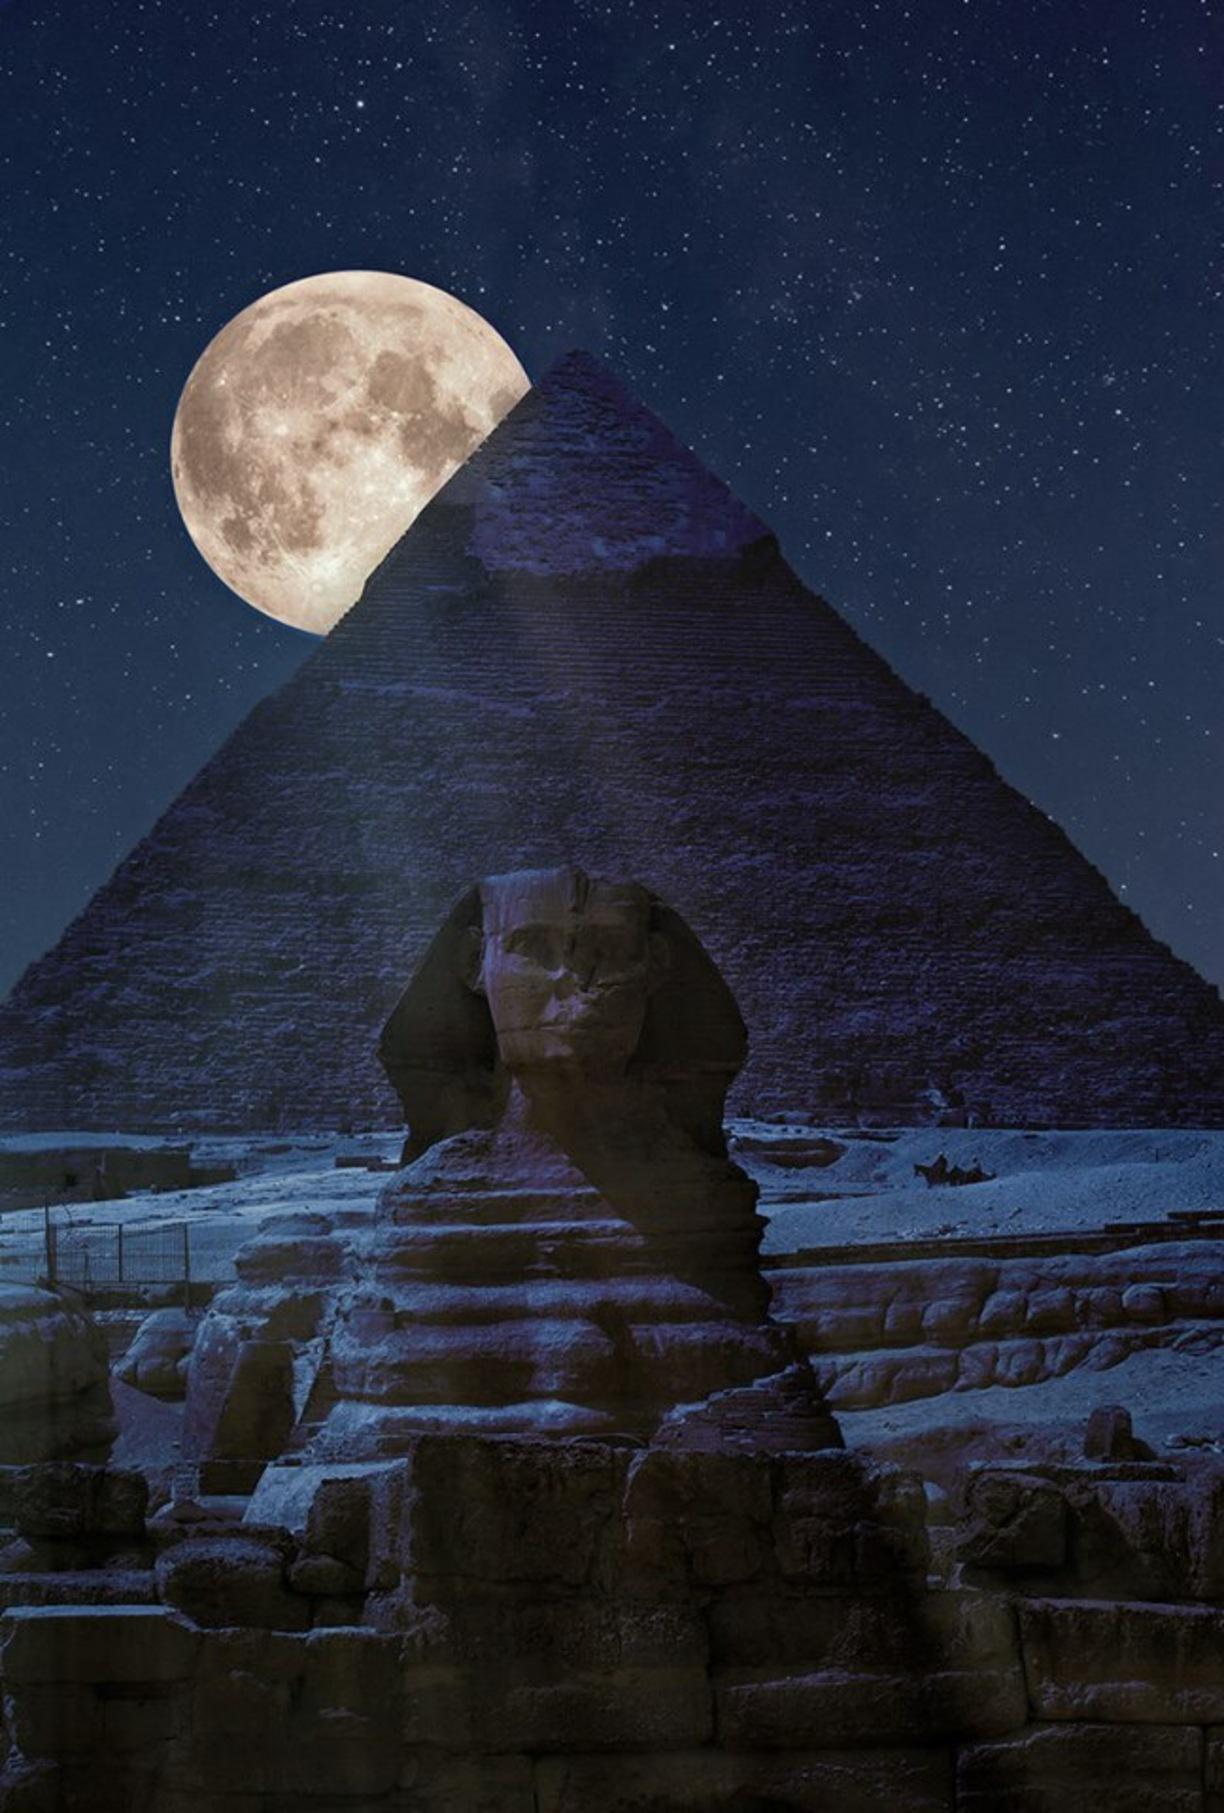 Bienvenidos al nuevo foro de apoyo a Noe #333 / 30.10.16 ~ 11.11.16 - Página 3 Pyramid%2BMoon%2B%2528fixedw_large_4x%2529